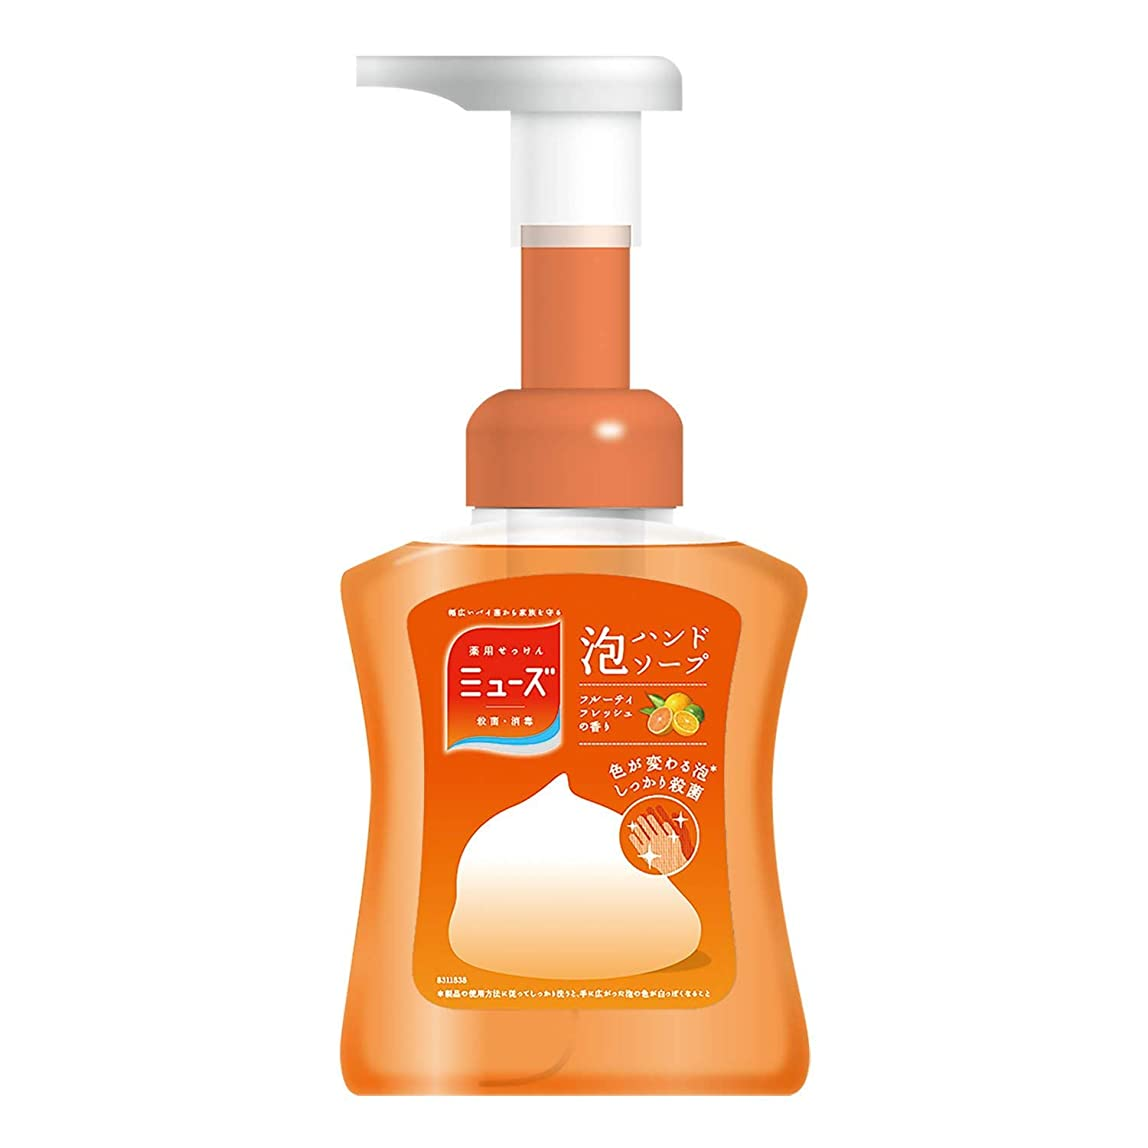 カートポルティコサンダース【医薬部外品】ミューズ 泡 ハンドソープ フルーティフレッシュの香り 色が変わる泡 本体ボトル 250ml 殺菌 消毒 手洗い 保湿成分配合